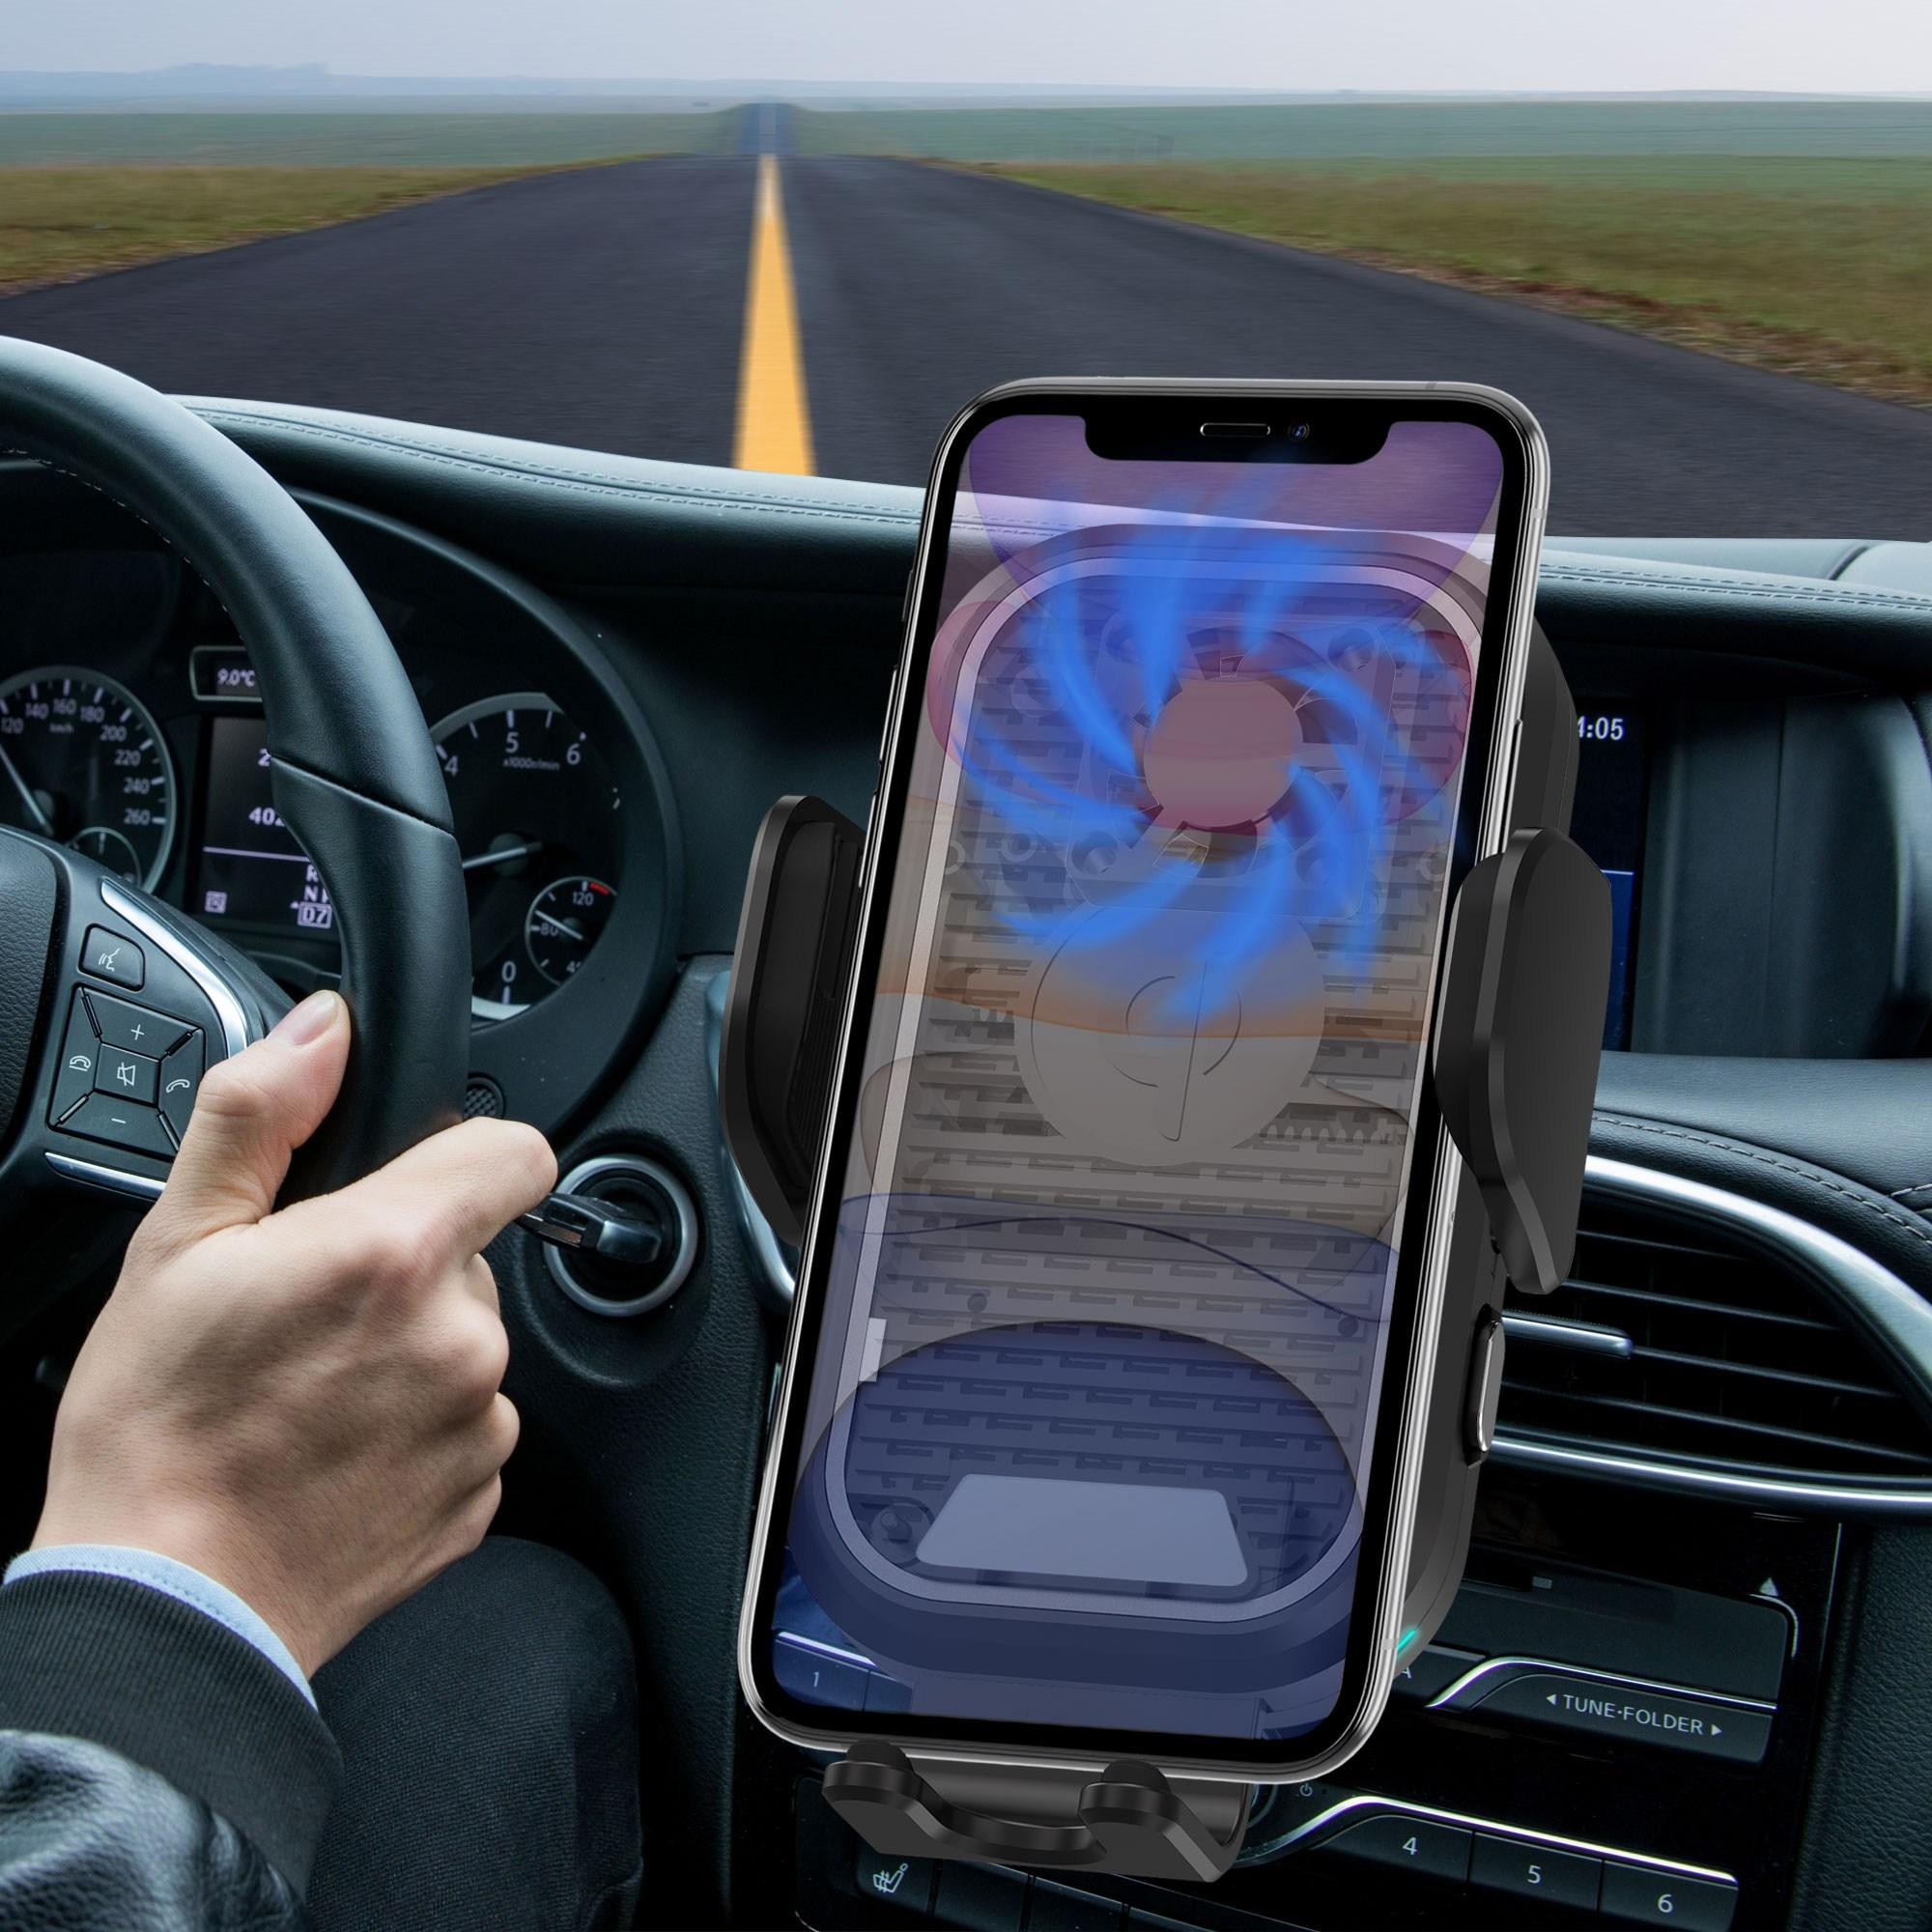 TS 차량용 고속무선충전거치대 15W 핸드폰 열 배출 저소음 블랙 오토슬라이딩 FOD센서 전차종 대쉬보드 송풍구 논슬립, 1개 블랙